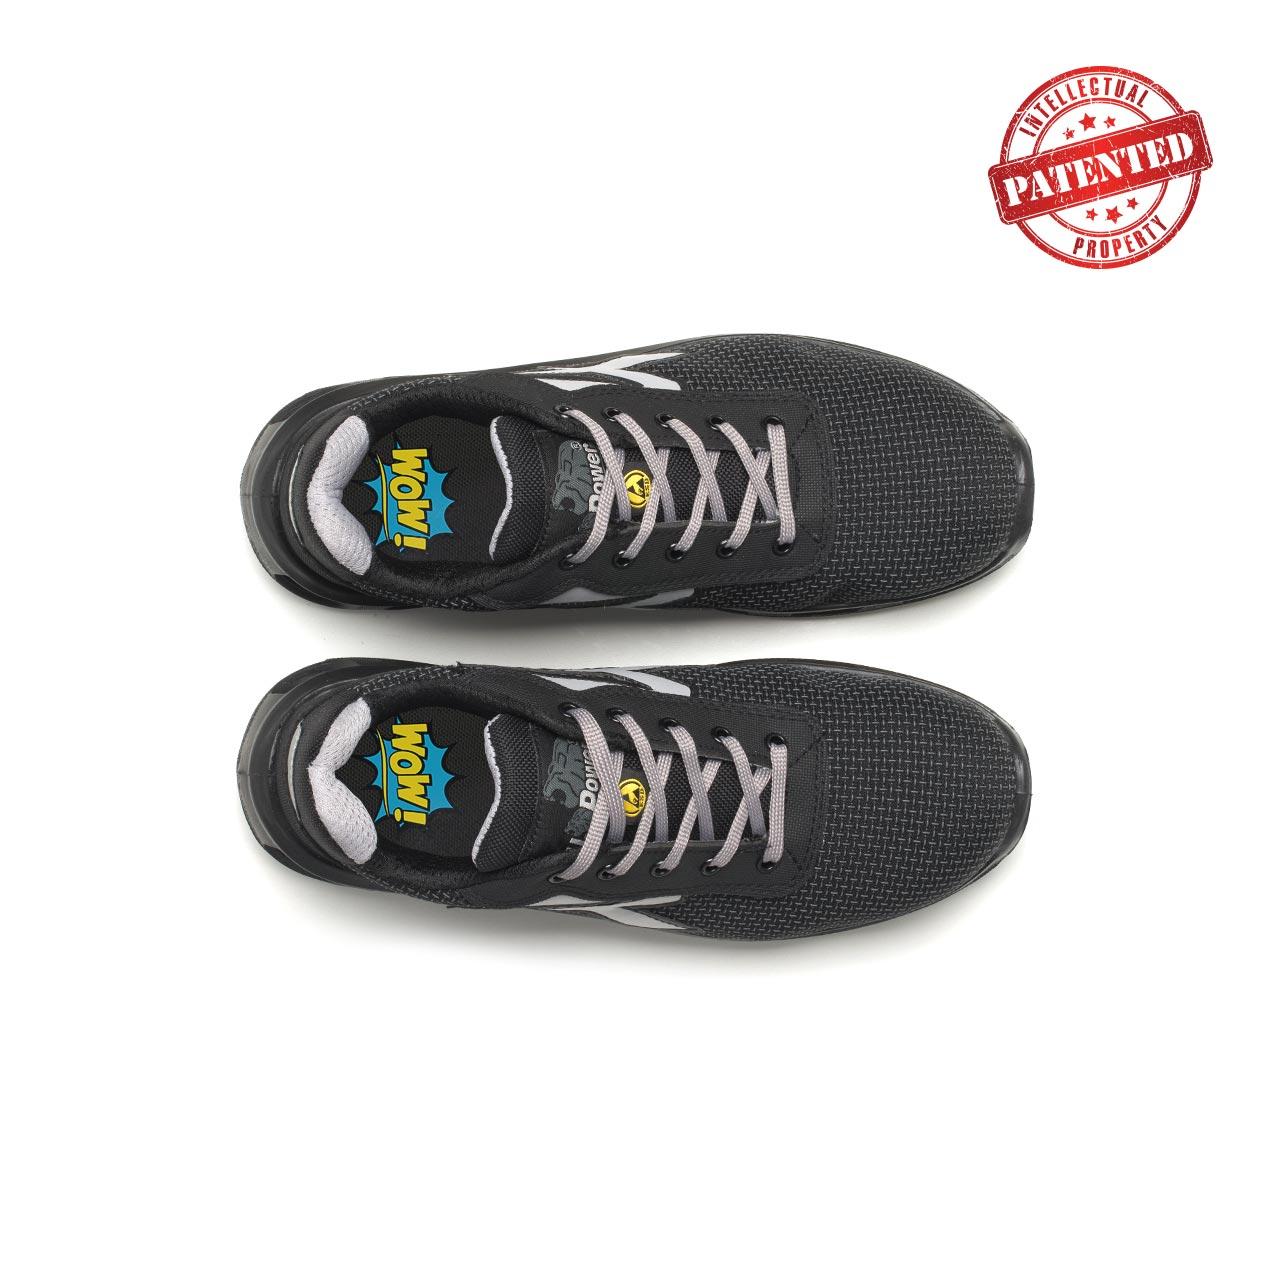 paio di scarpe antinfortunistiche upower modello raptor linea redlion vista top